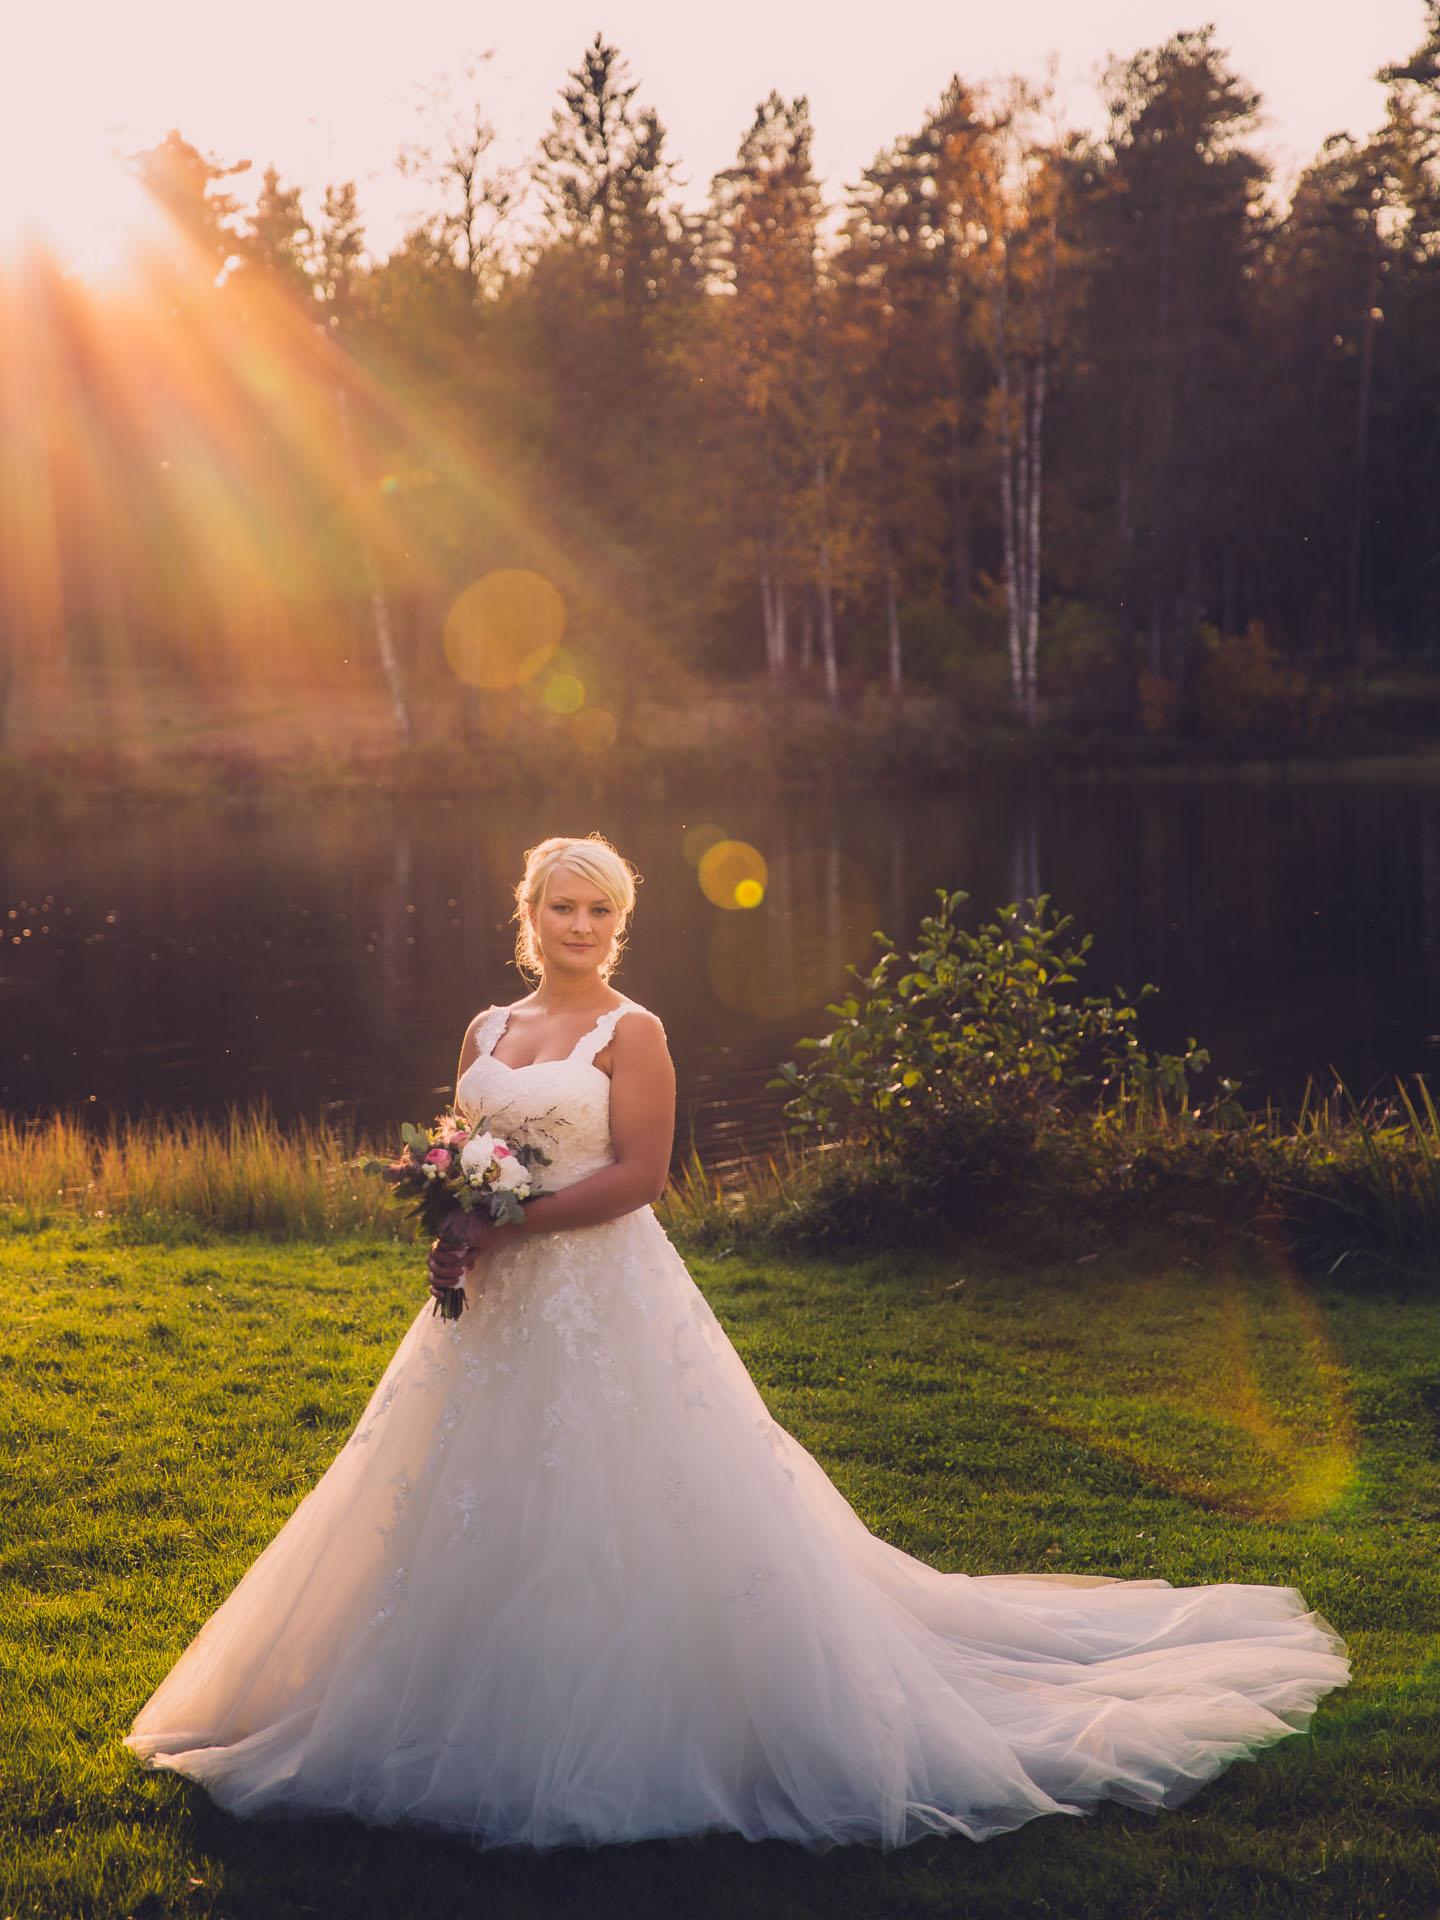 Bröllopsfotograf i Bankeryd, Habo Mullsjö (Jönköping)